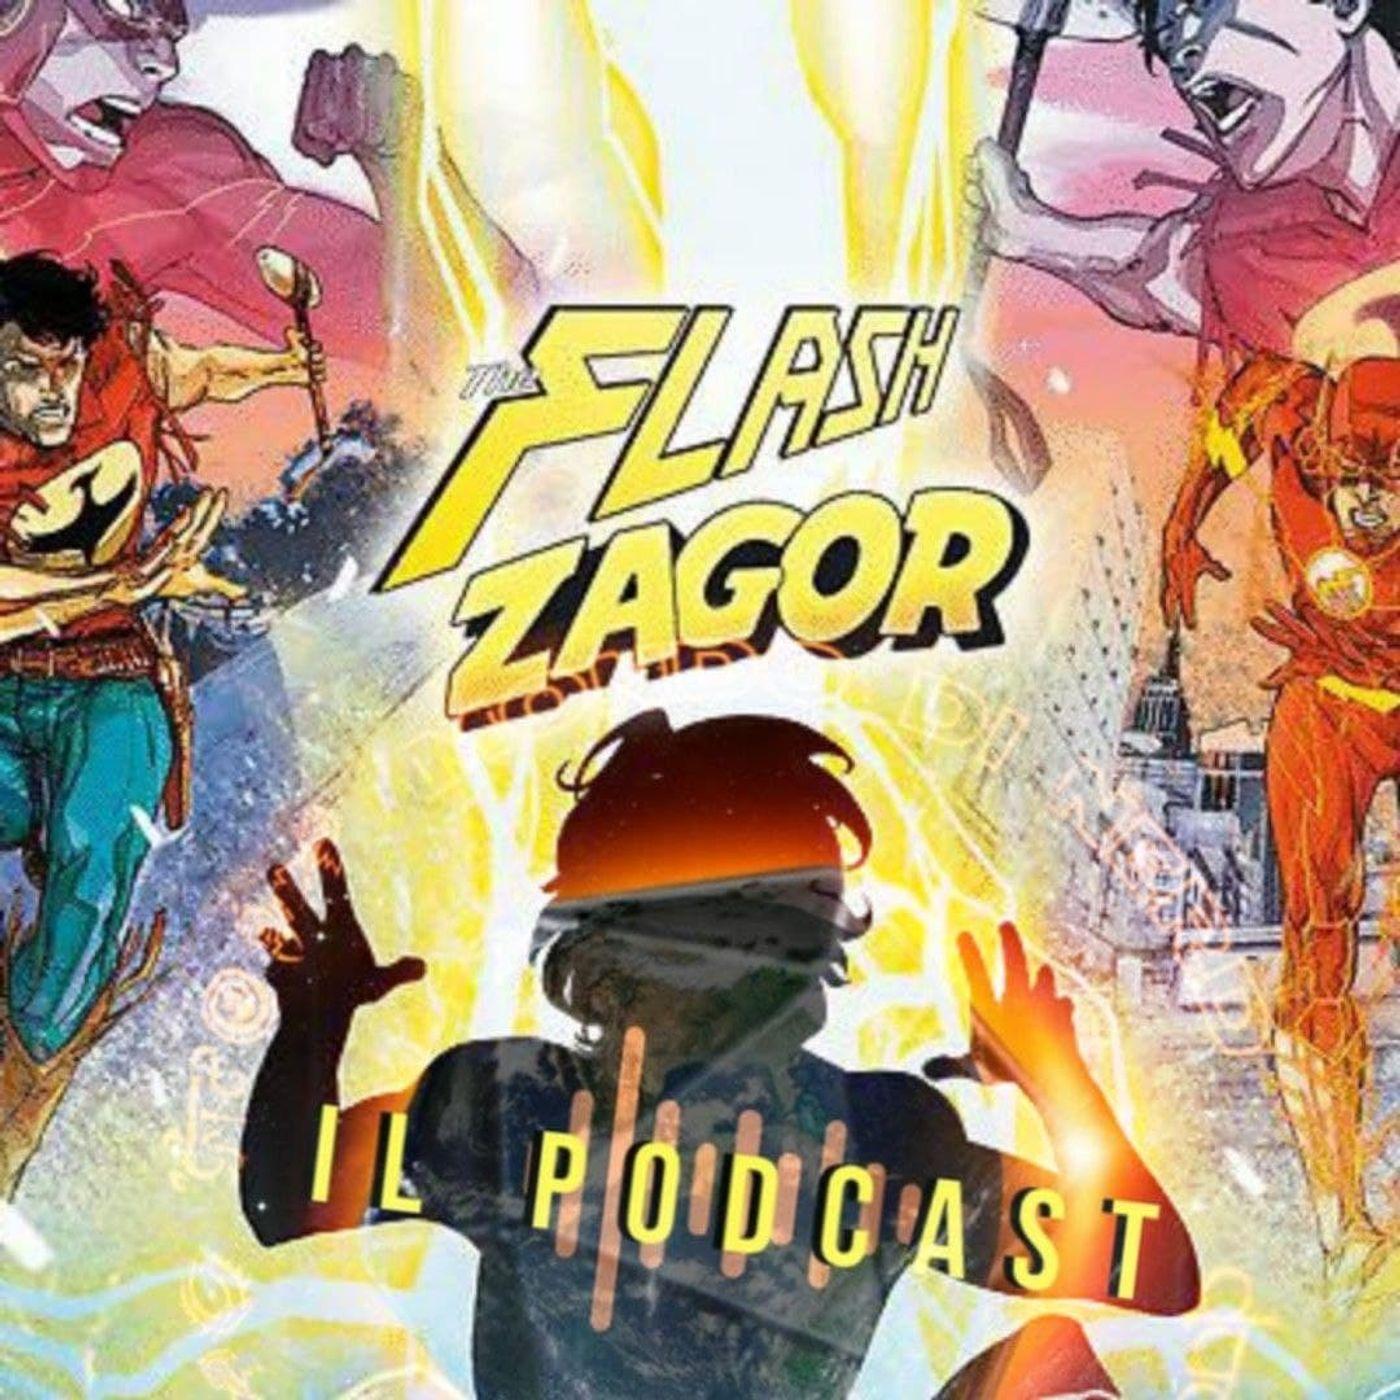 ep. 37 - Flash/Zagor (Due chiacchiere con Mauro Uzzeo e Giovanni Masi)